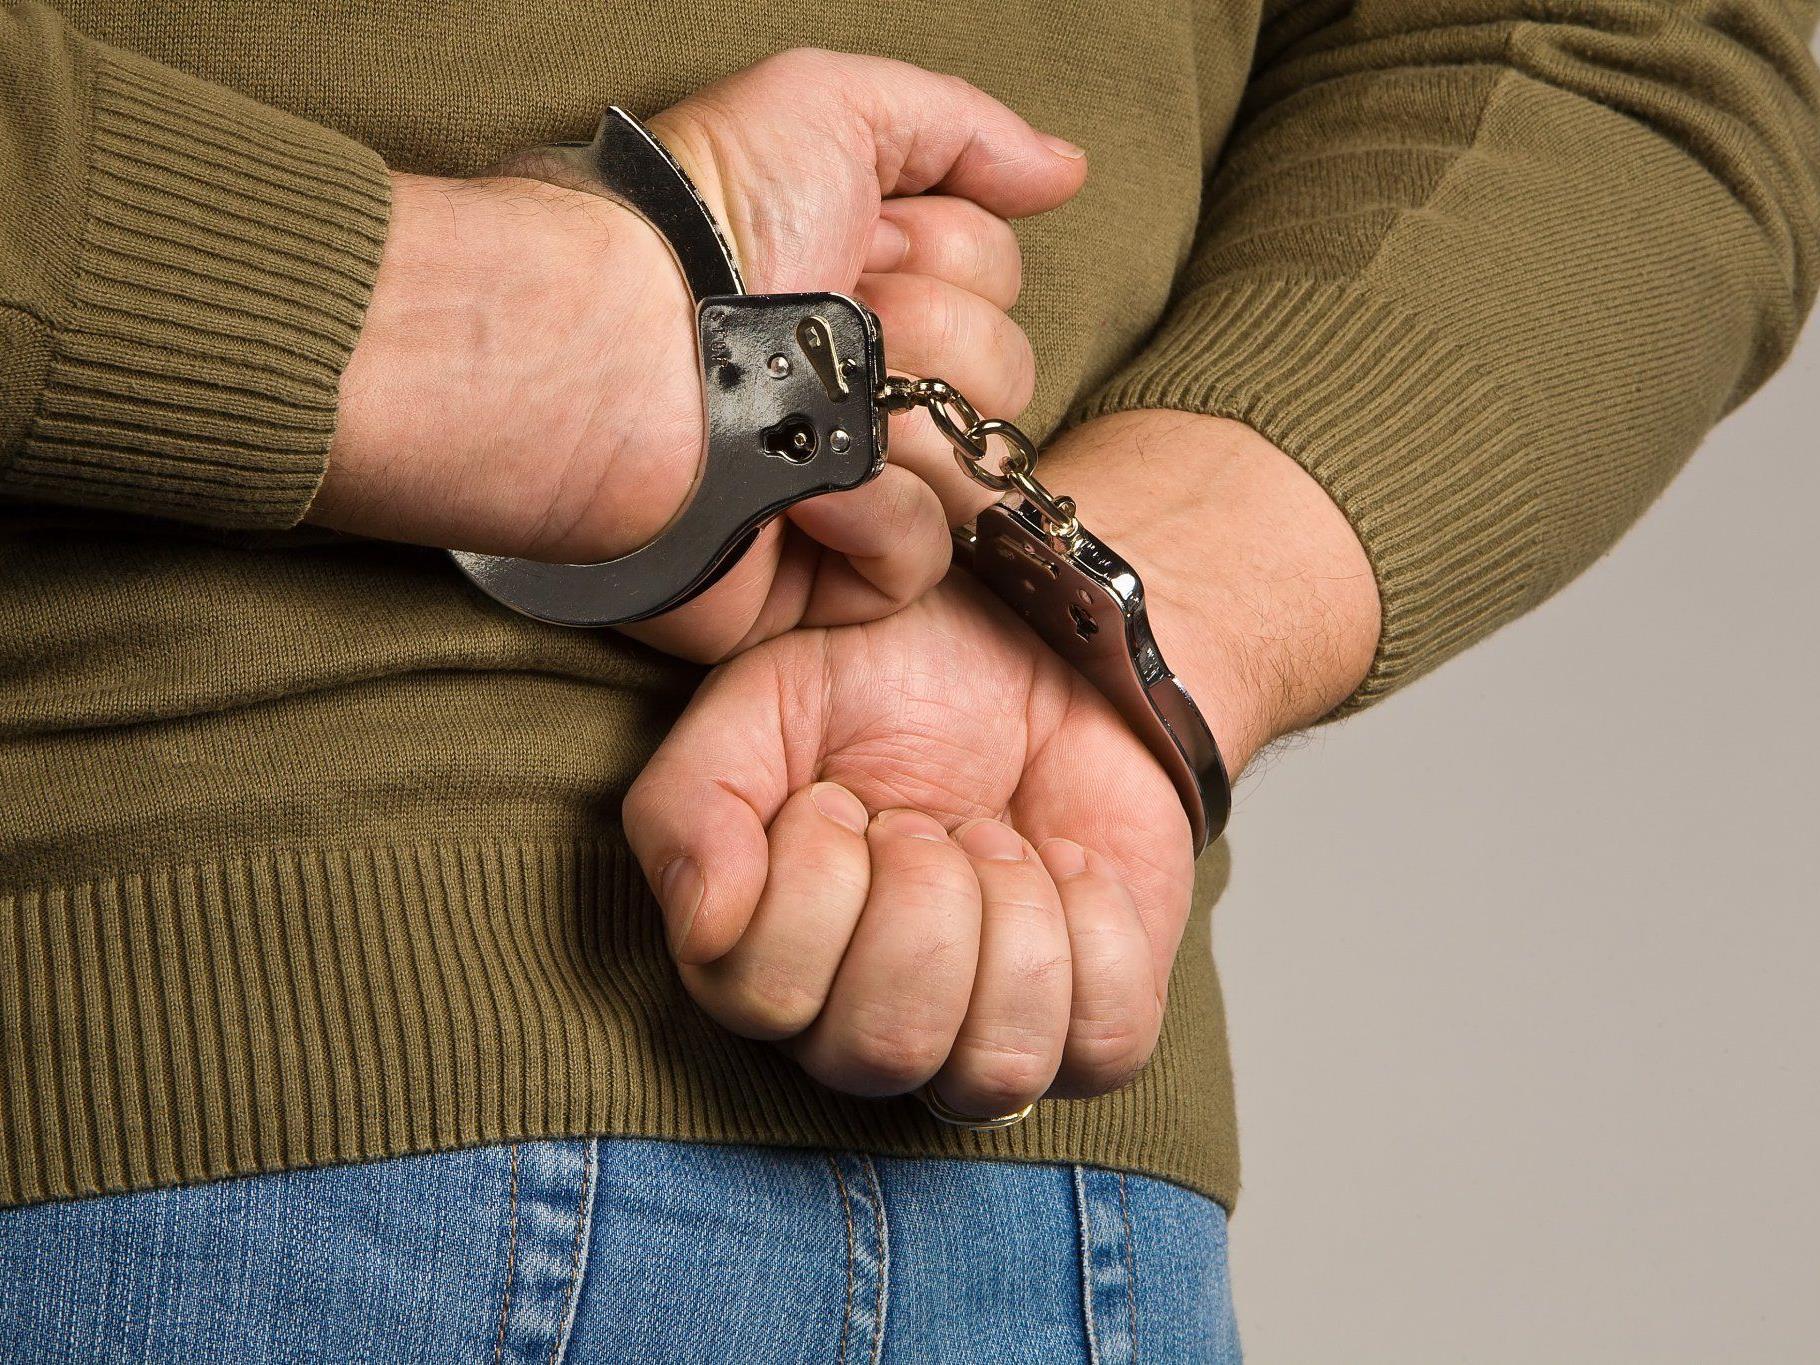 Der Handydieb wurde verhaftet